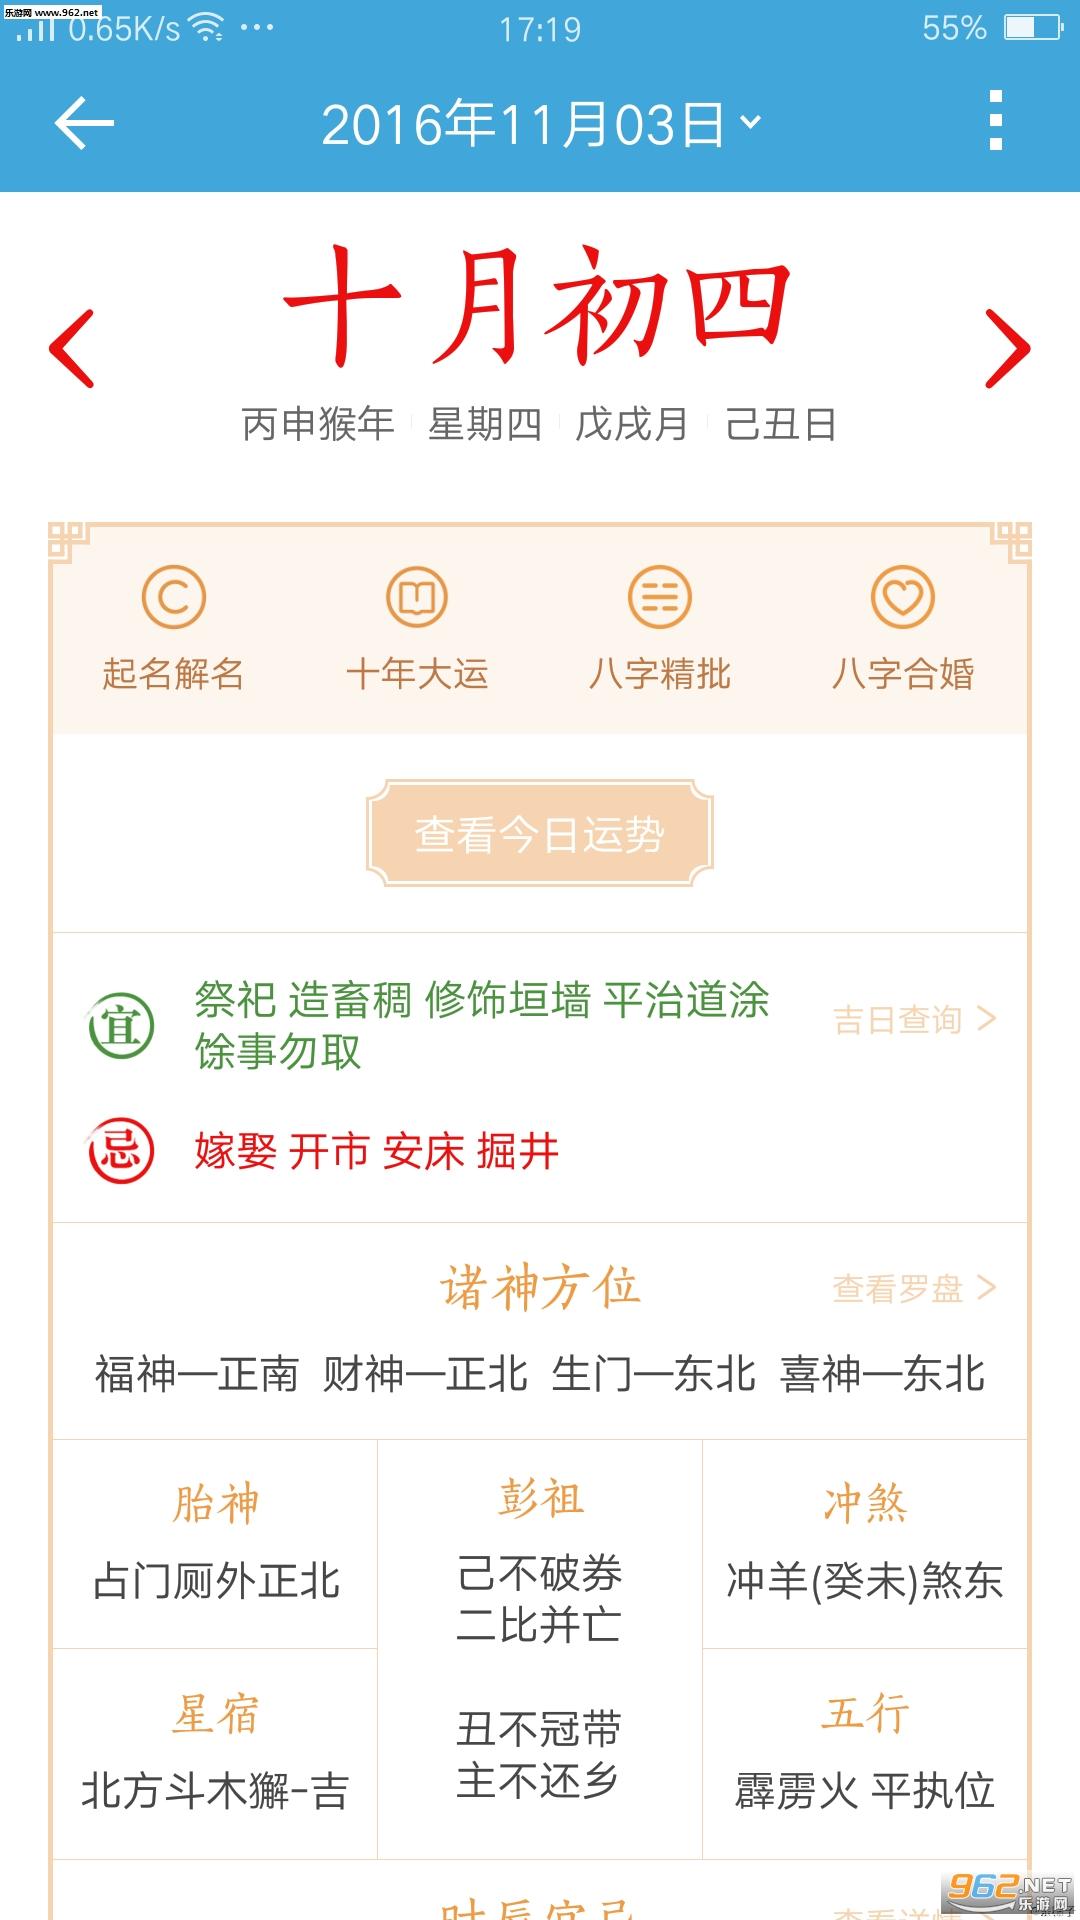 中华万年历最新版2016下载v6.6.3官方国际版共存版 乐游网安卓下载图片